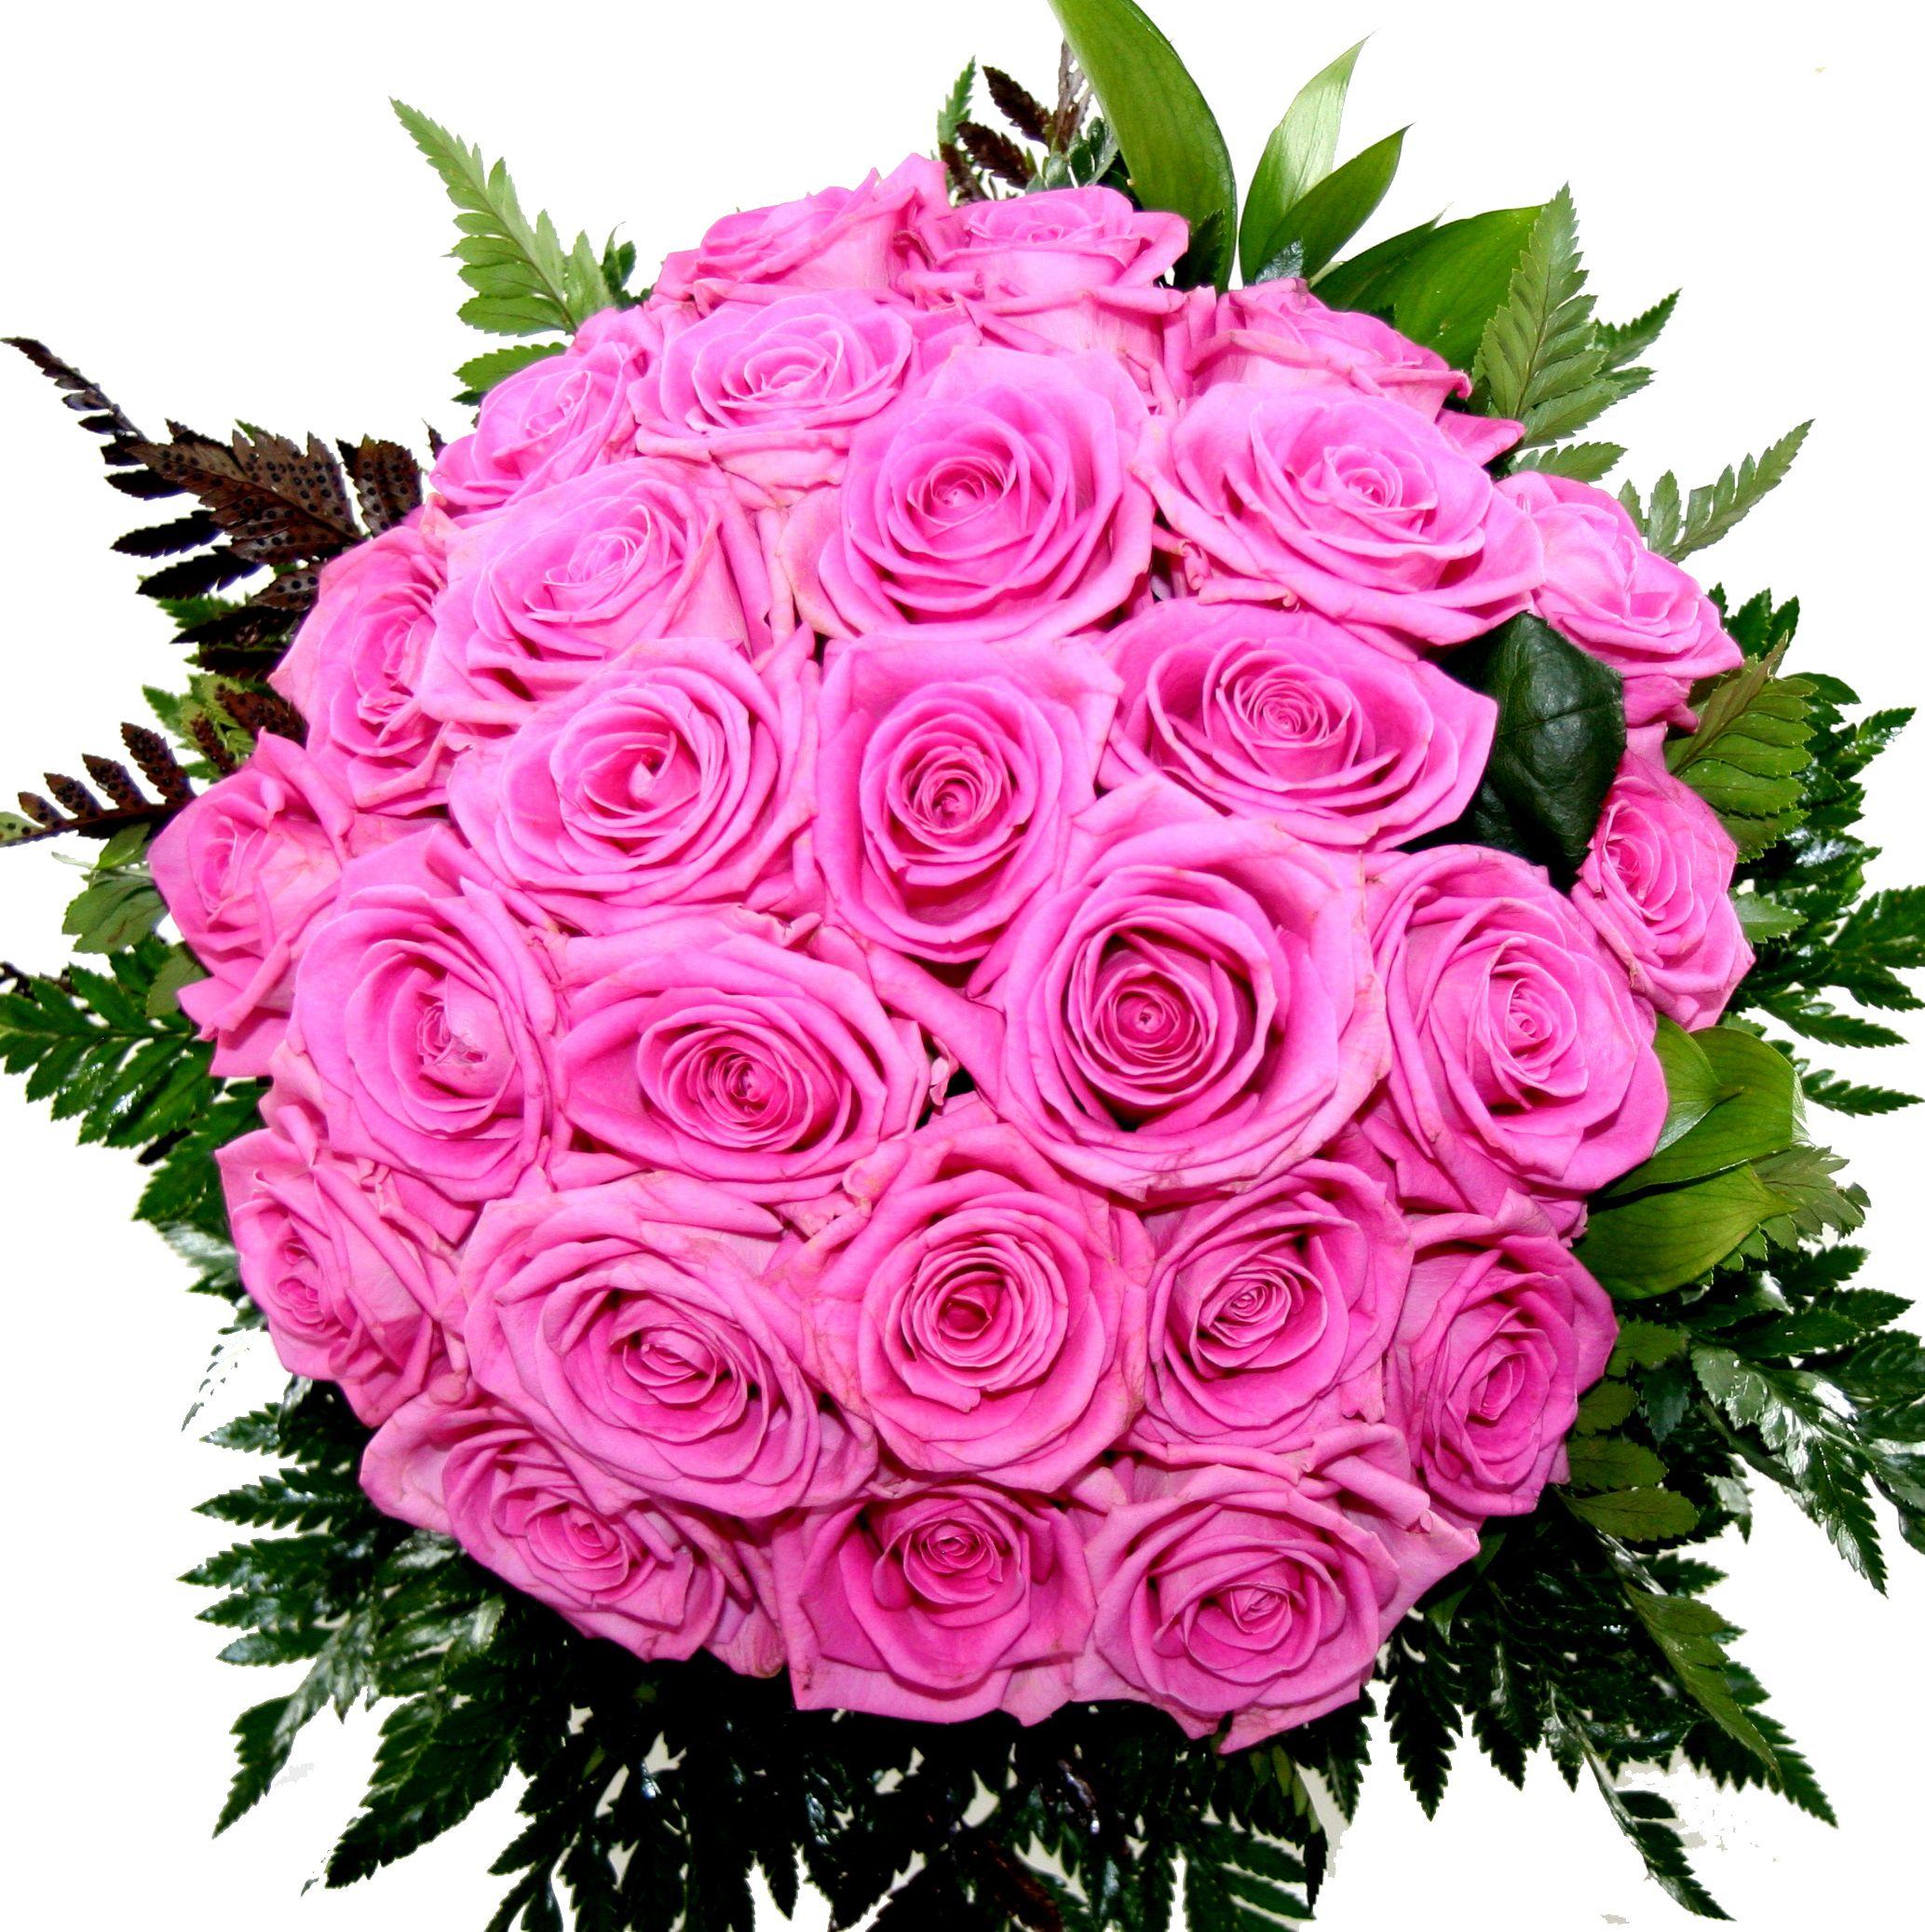 Огромные красивые букеты цветов картинки